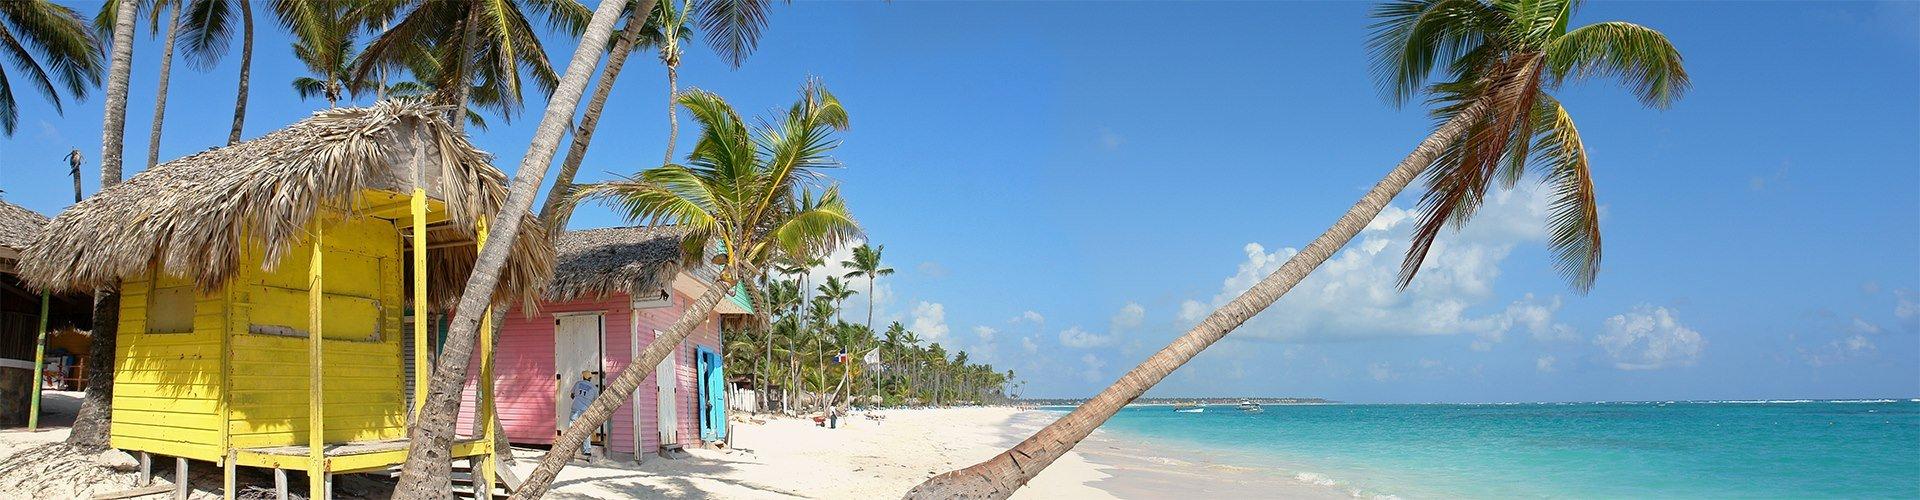 Familienurlaub in der Dominikanischen Republik